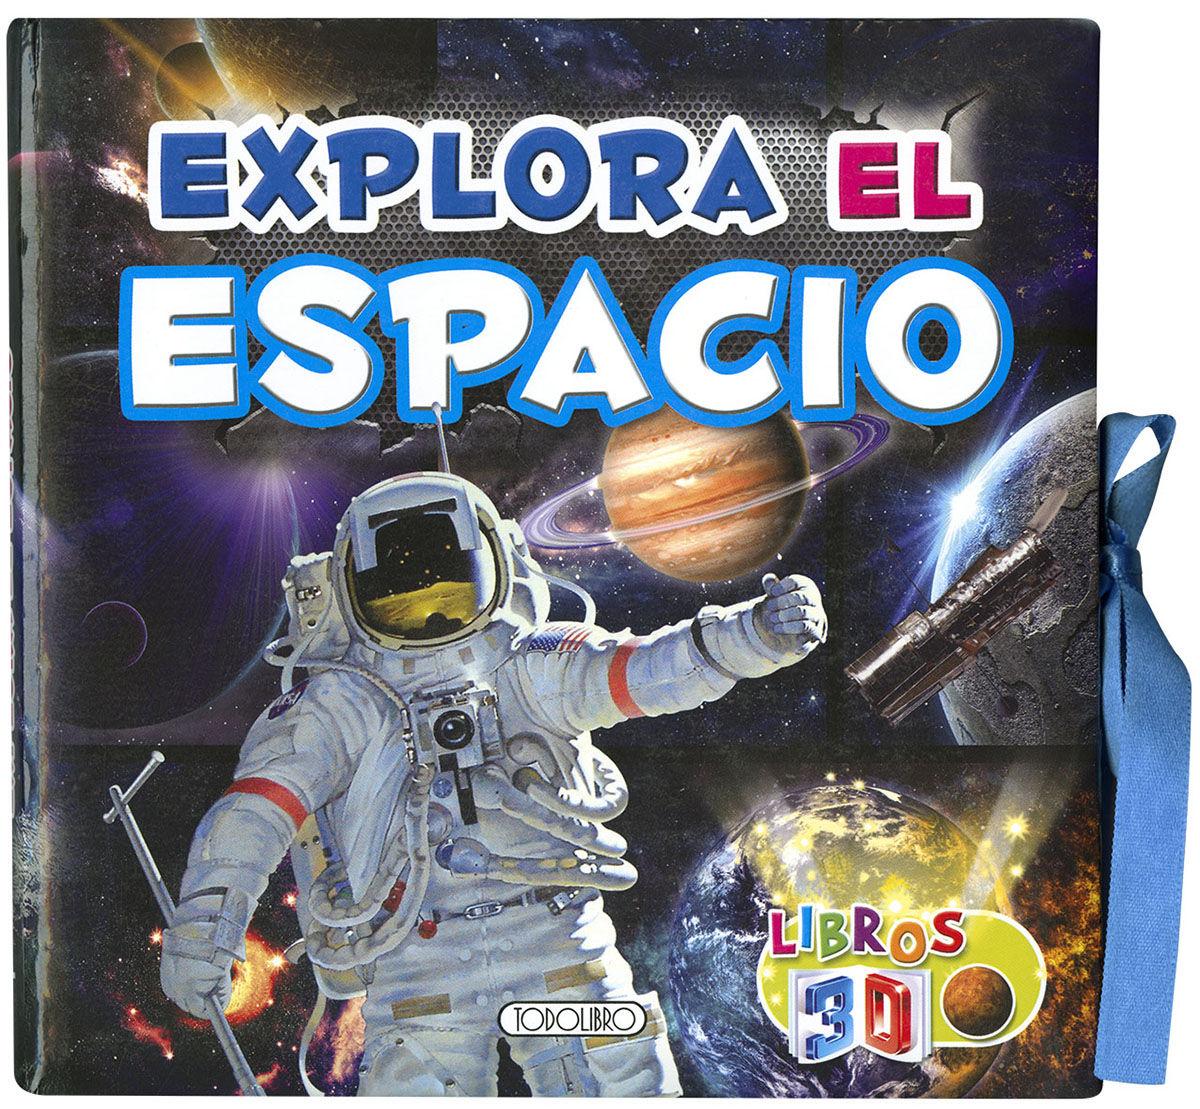 EXPLORA EL ESPACIO LIBROS 3D